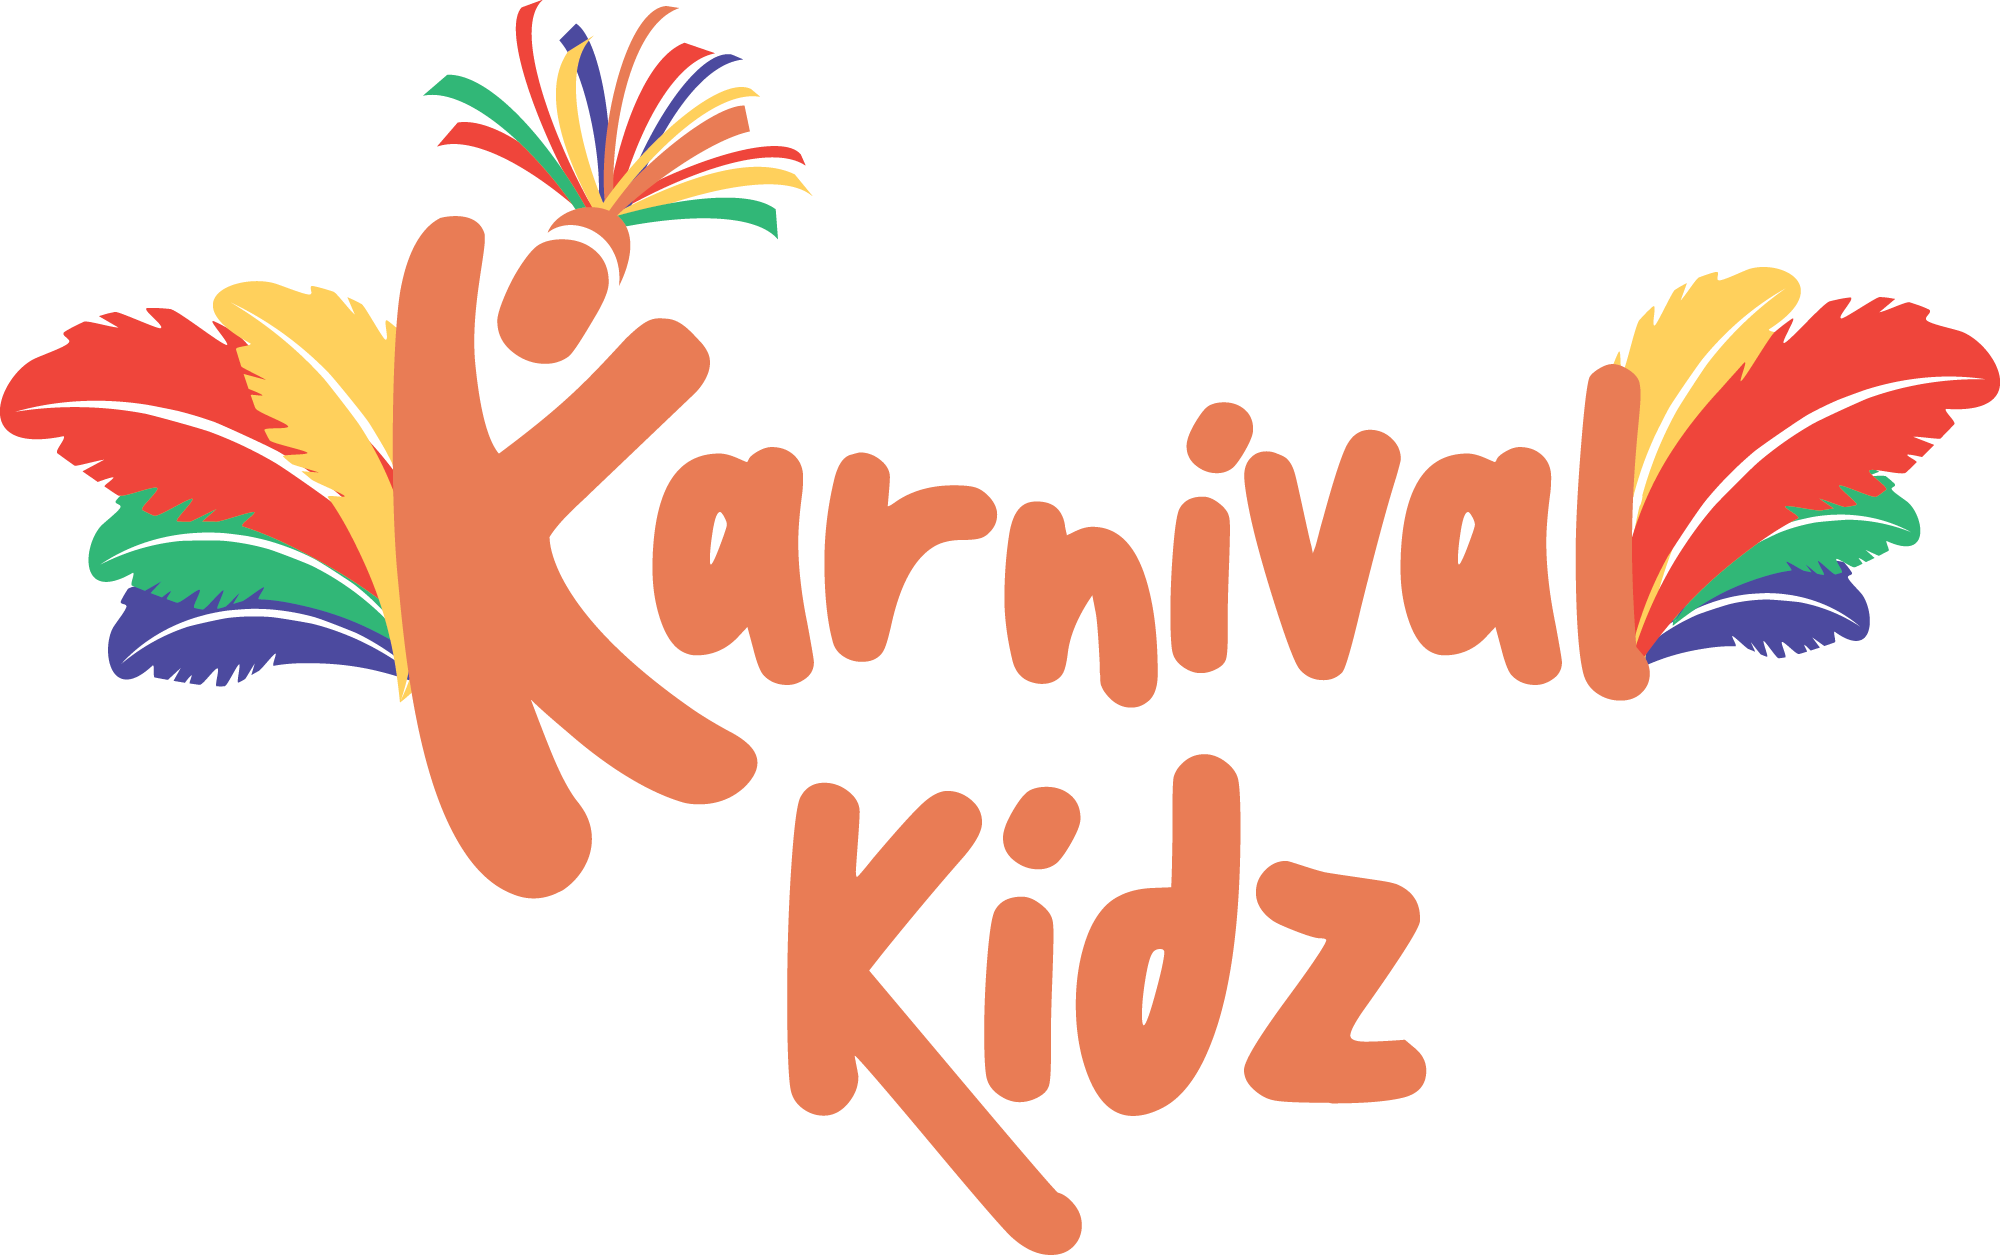 karnival kidz - logo